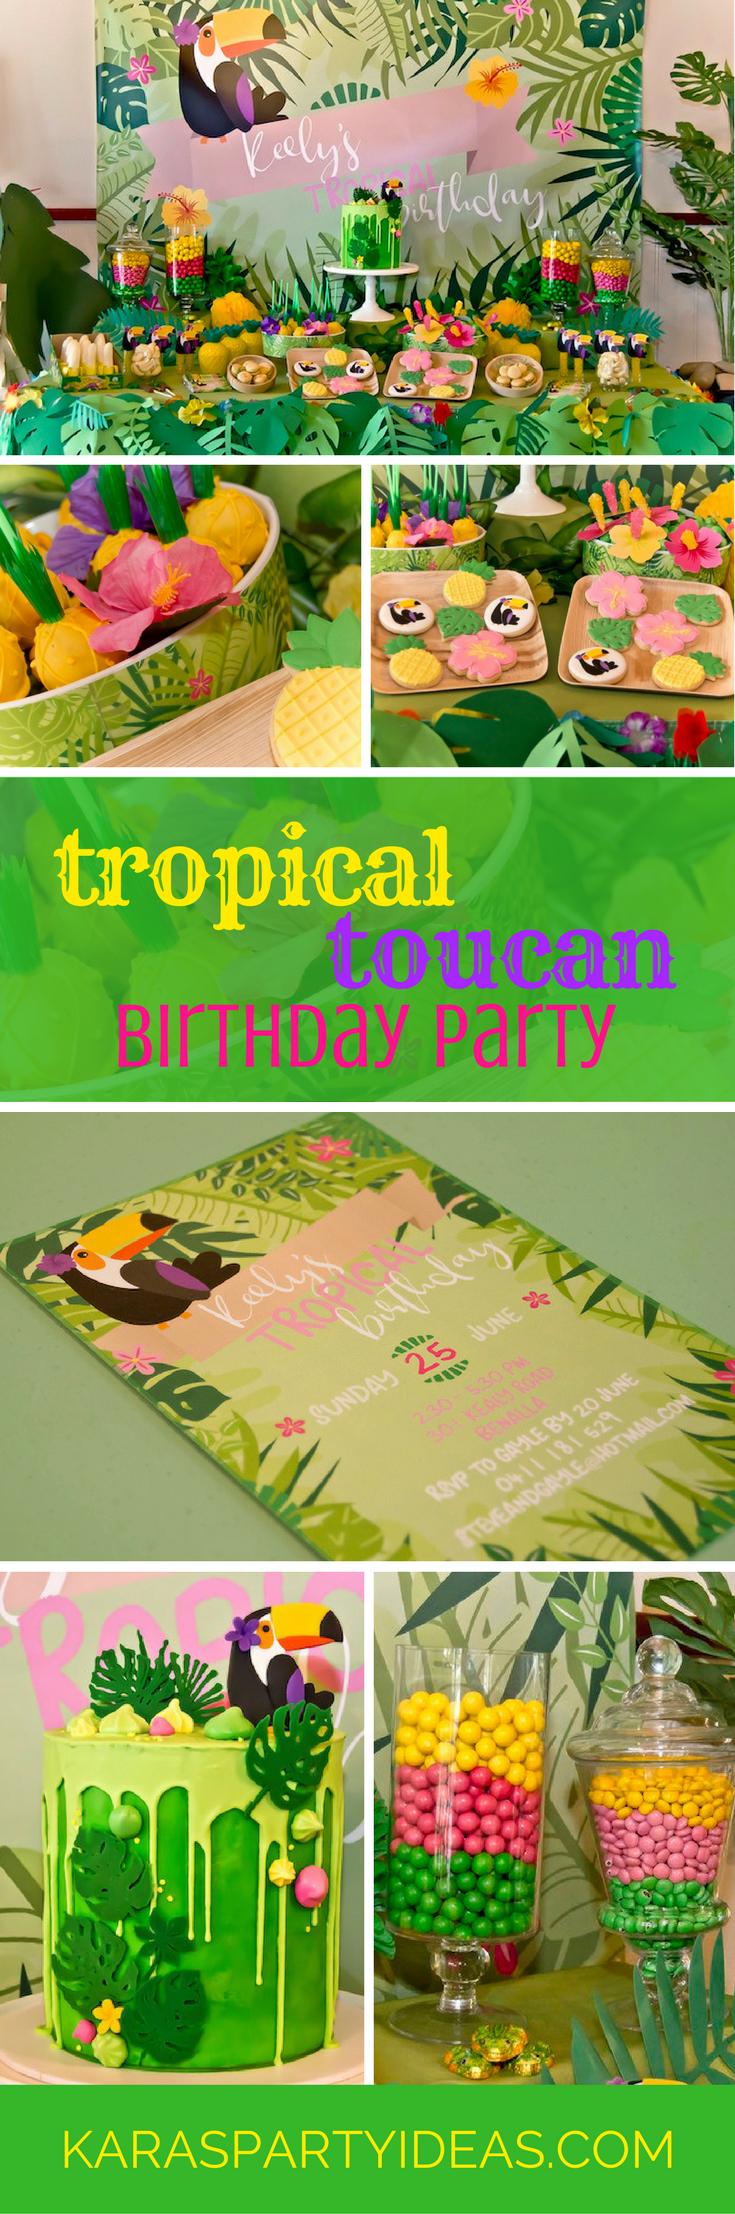 Tropical Toucan Birthday Party via Kara's Party Ideas - KarasPartyIdeas.com